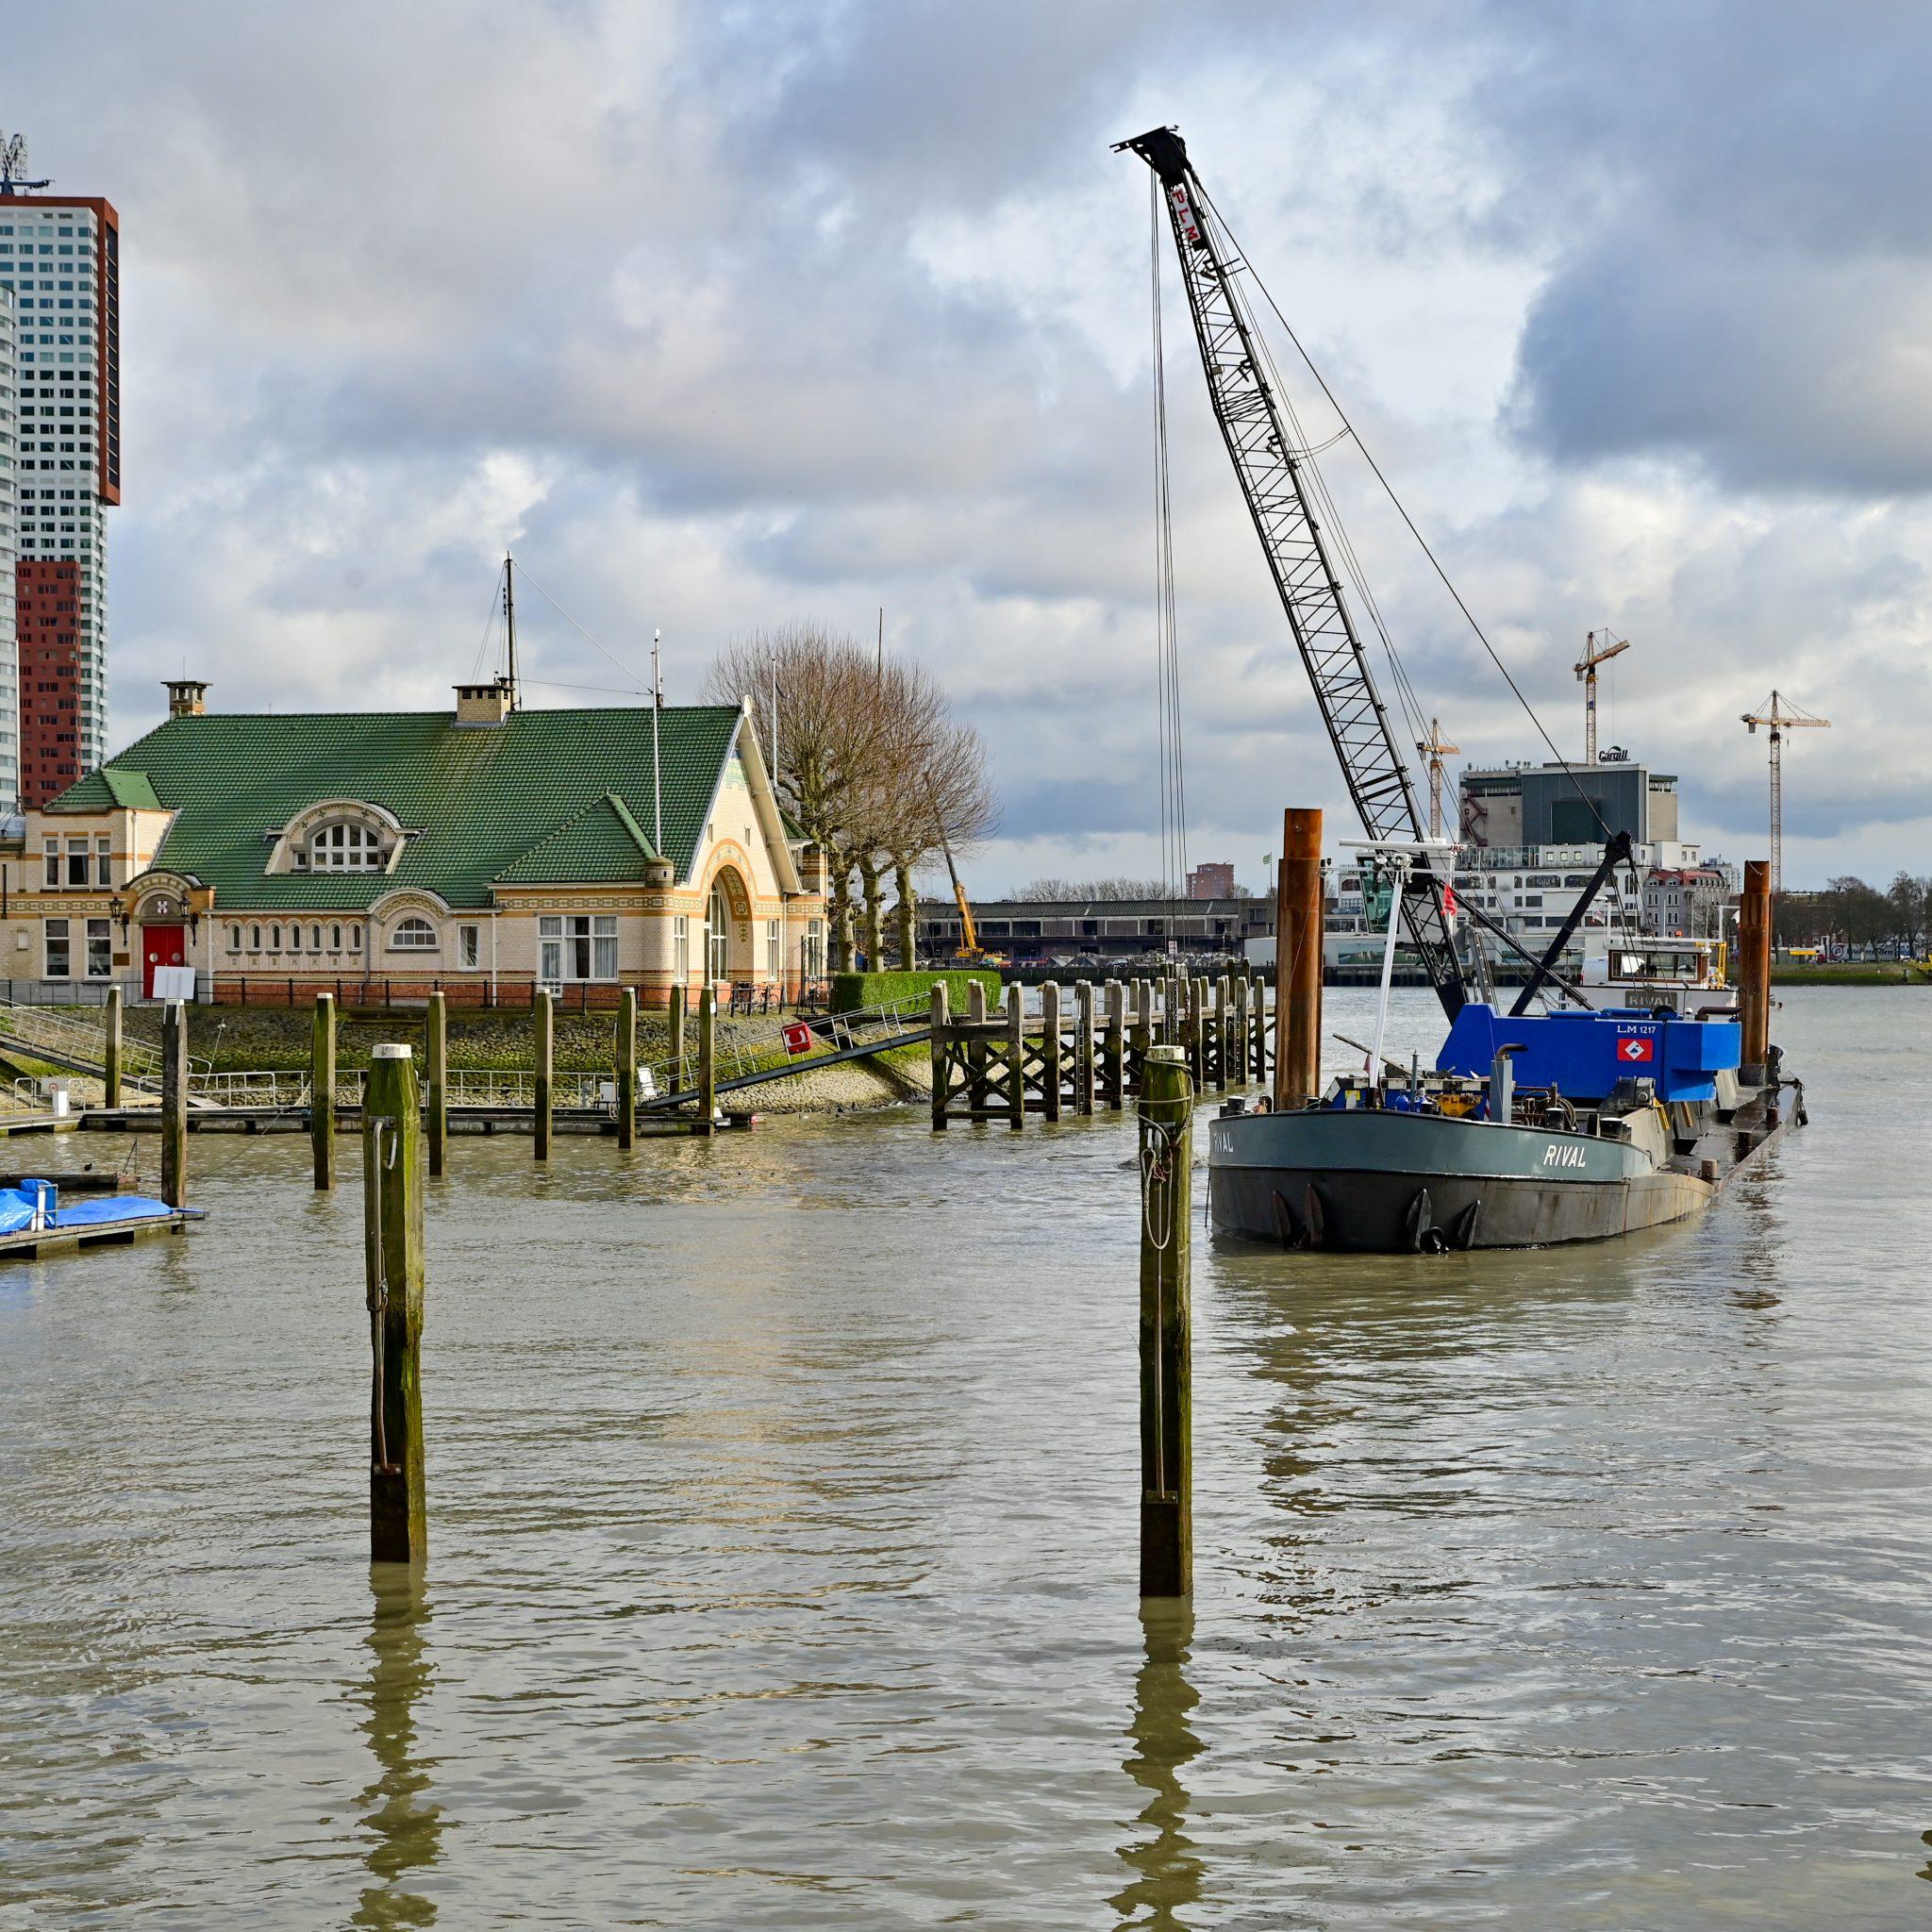 Het schip de Rival voert baggerwerkzaamheden uit in een doodstille Veerhaven. (Foto Media TV)